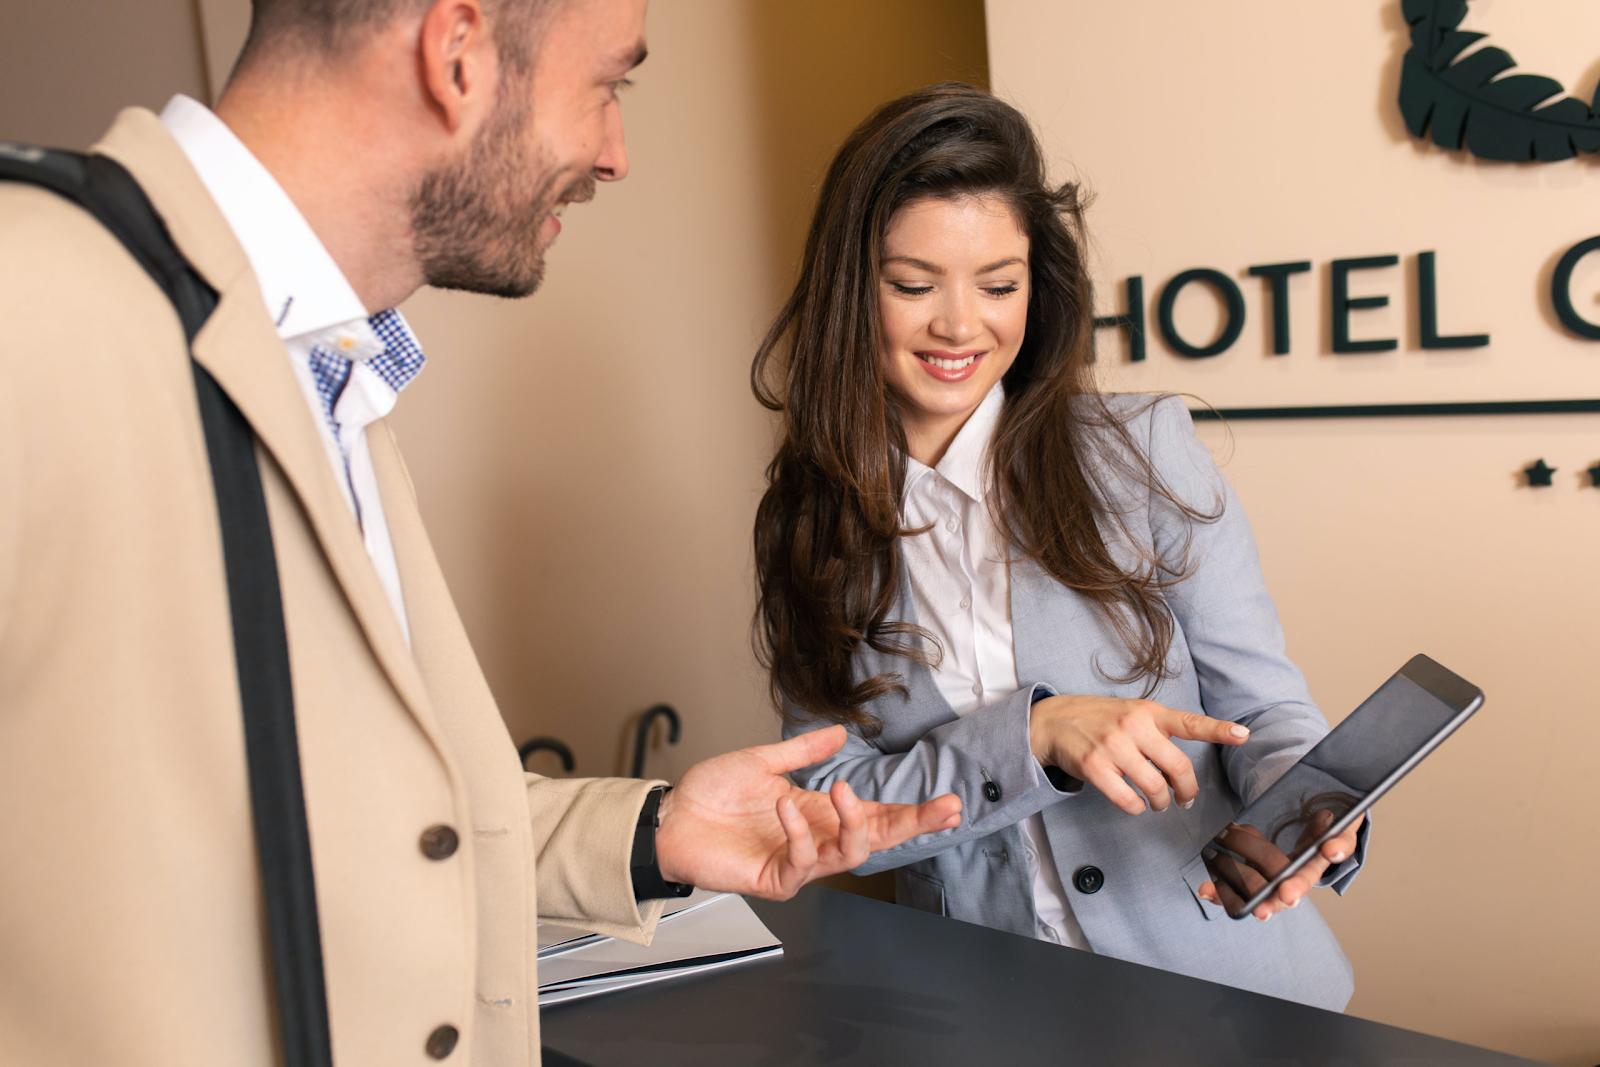 Hotel Ausbildung - gesammelte Infos